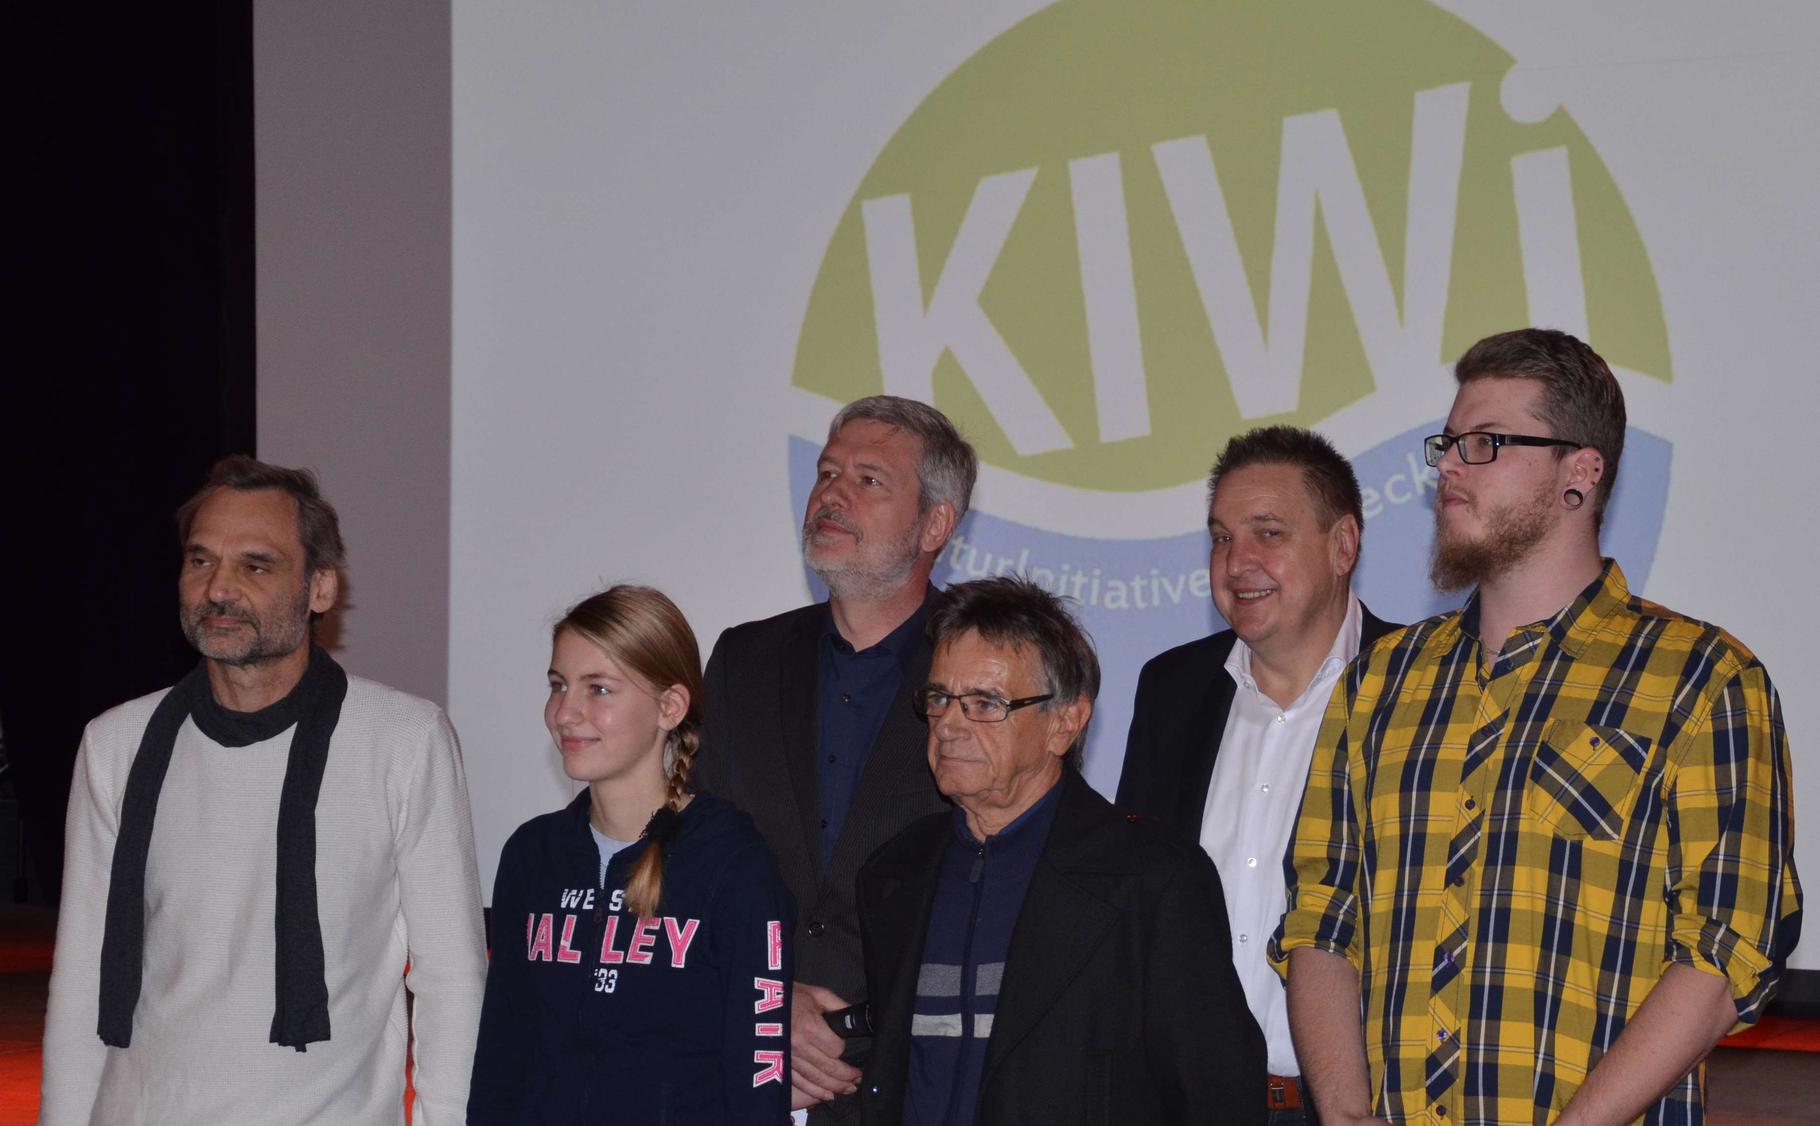 Preisverleihung anl. des KIWi-Logo-Wettbewerbes von links: Hartmut Schaarschmidt, Katharina Fischer, Frank Christgen (1. Vorsitzender KIWi), Wilfried Scholl, BM Hans Christian Lehmann, Christian FESO Mast